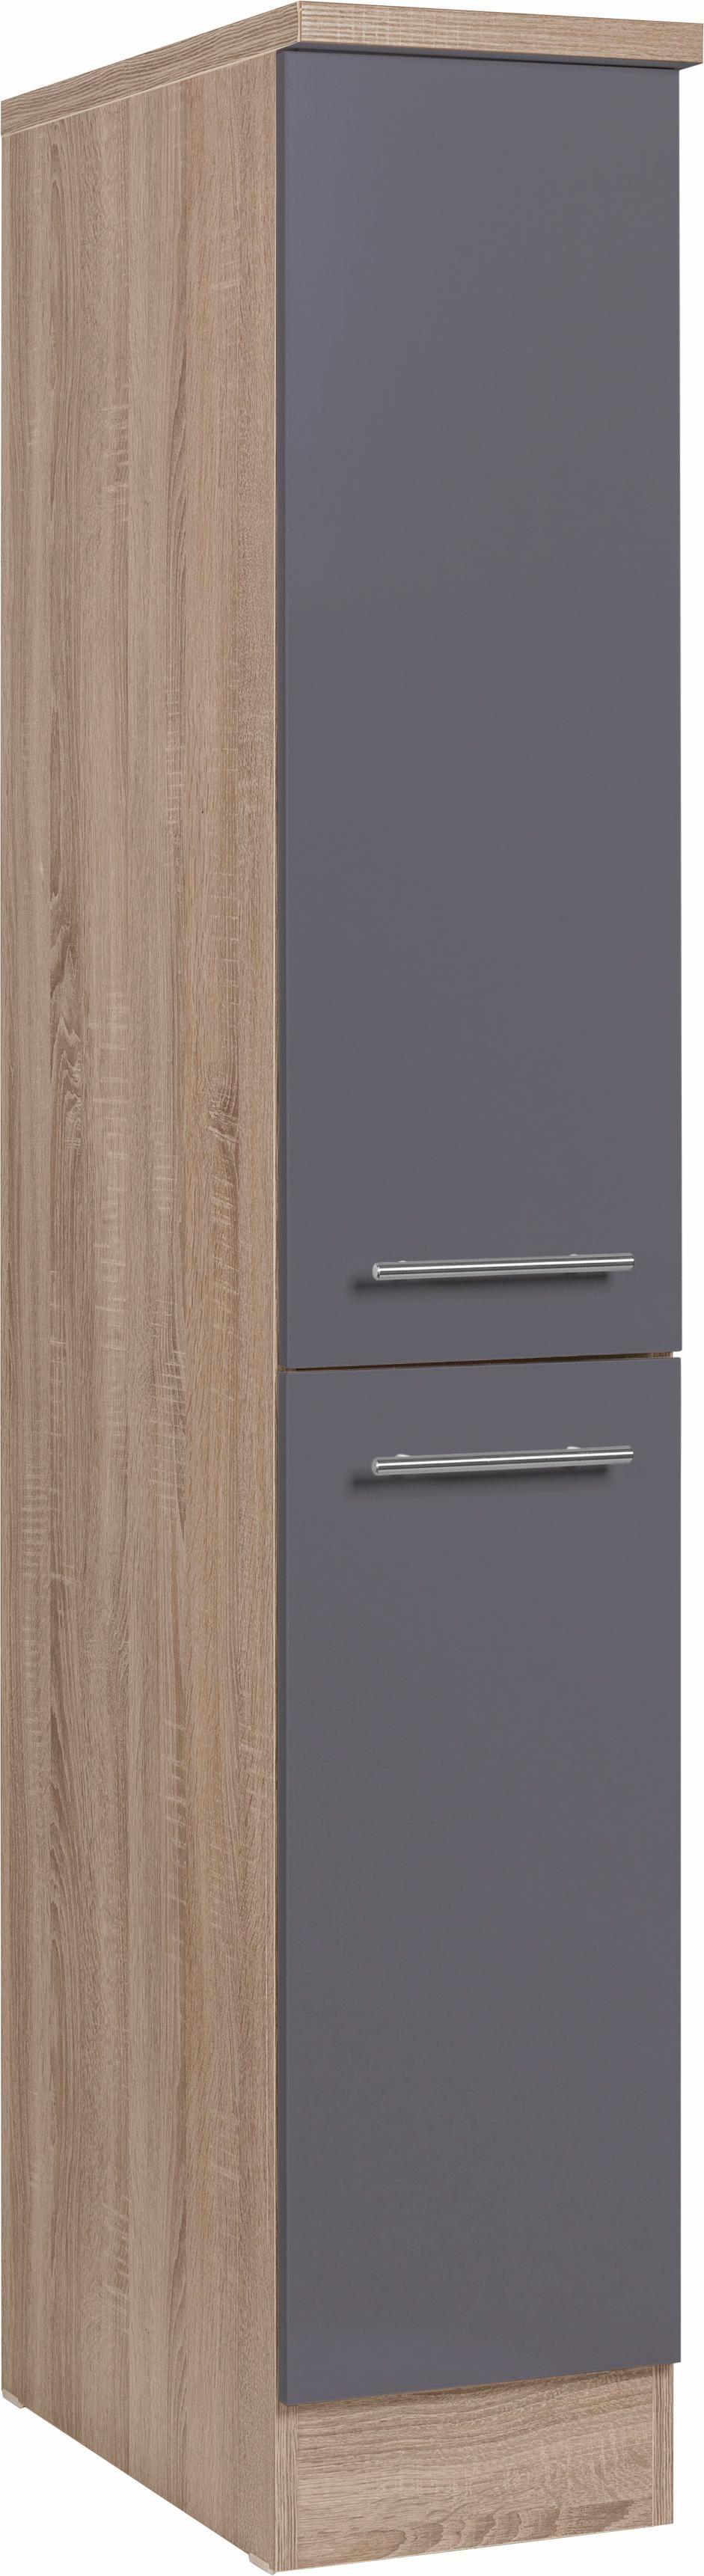 Wundervoll Küchenschrank 20-30 cm breit online kaufen | OTTO EI28